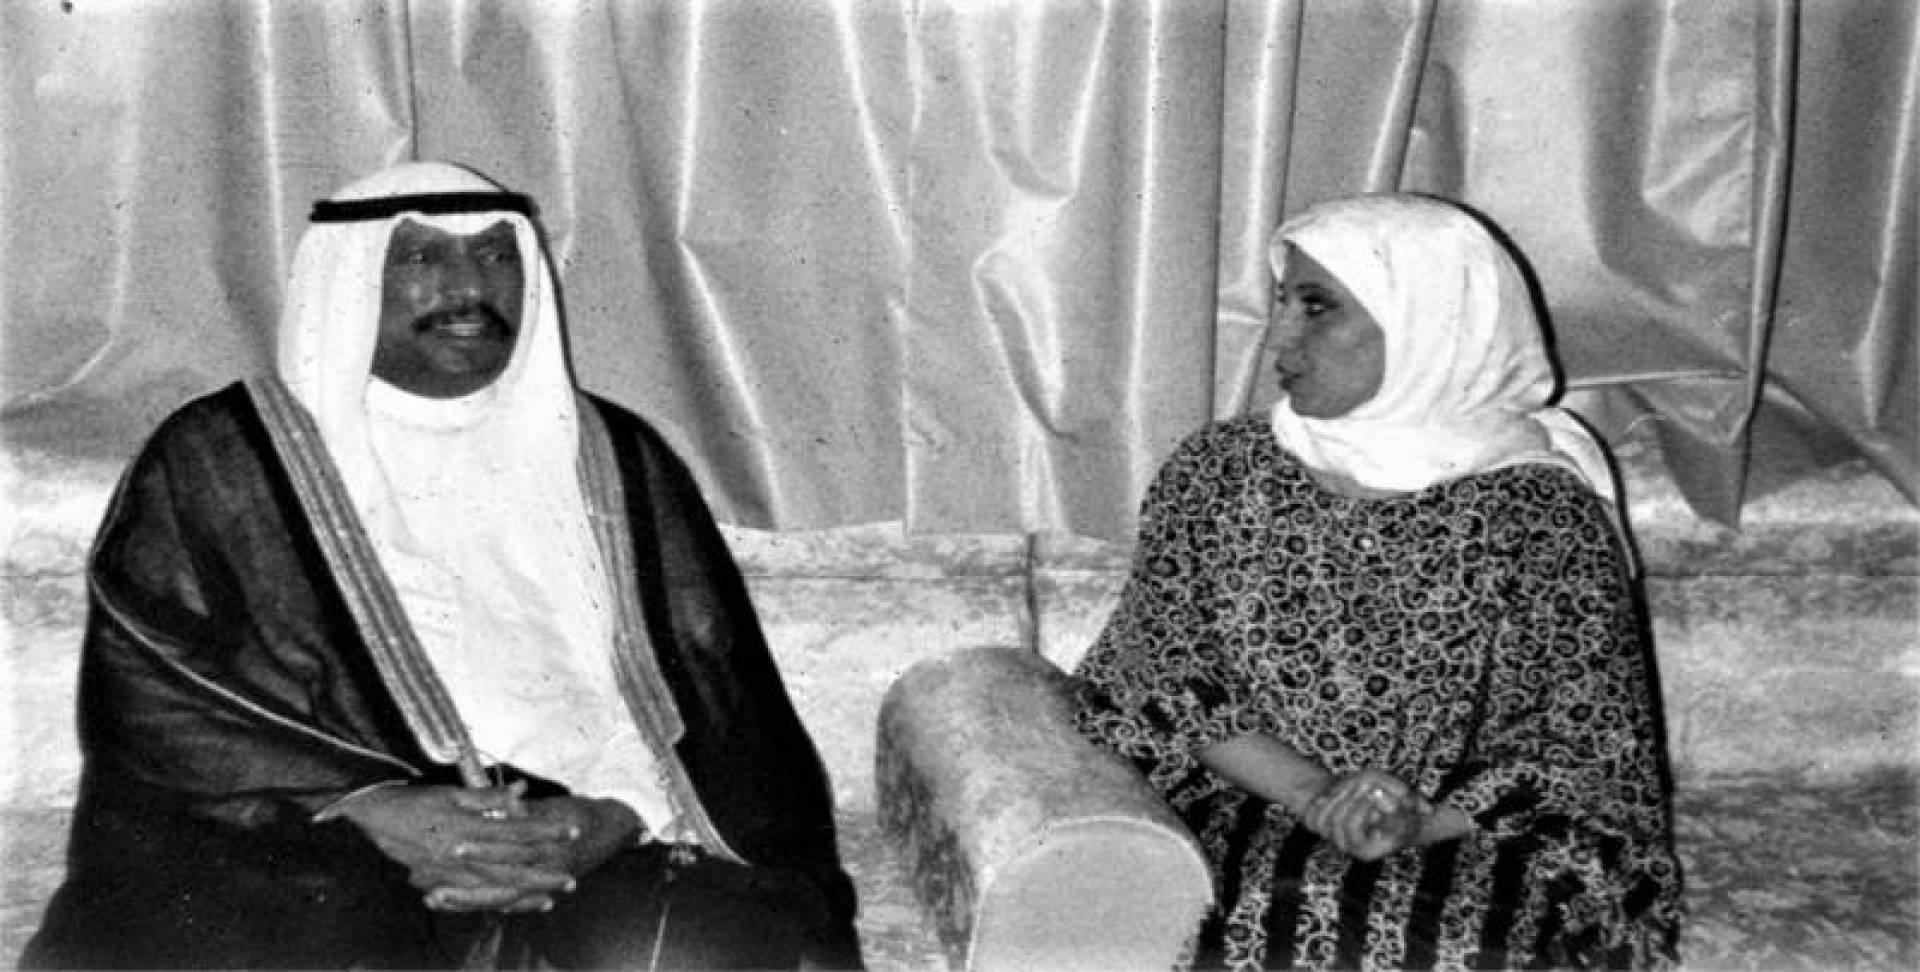 سمو ولي العهد في منزل الشيخ خالد الجابر مهنئًا بعودة أبنائه سالمين